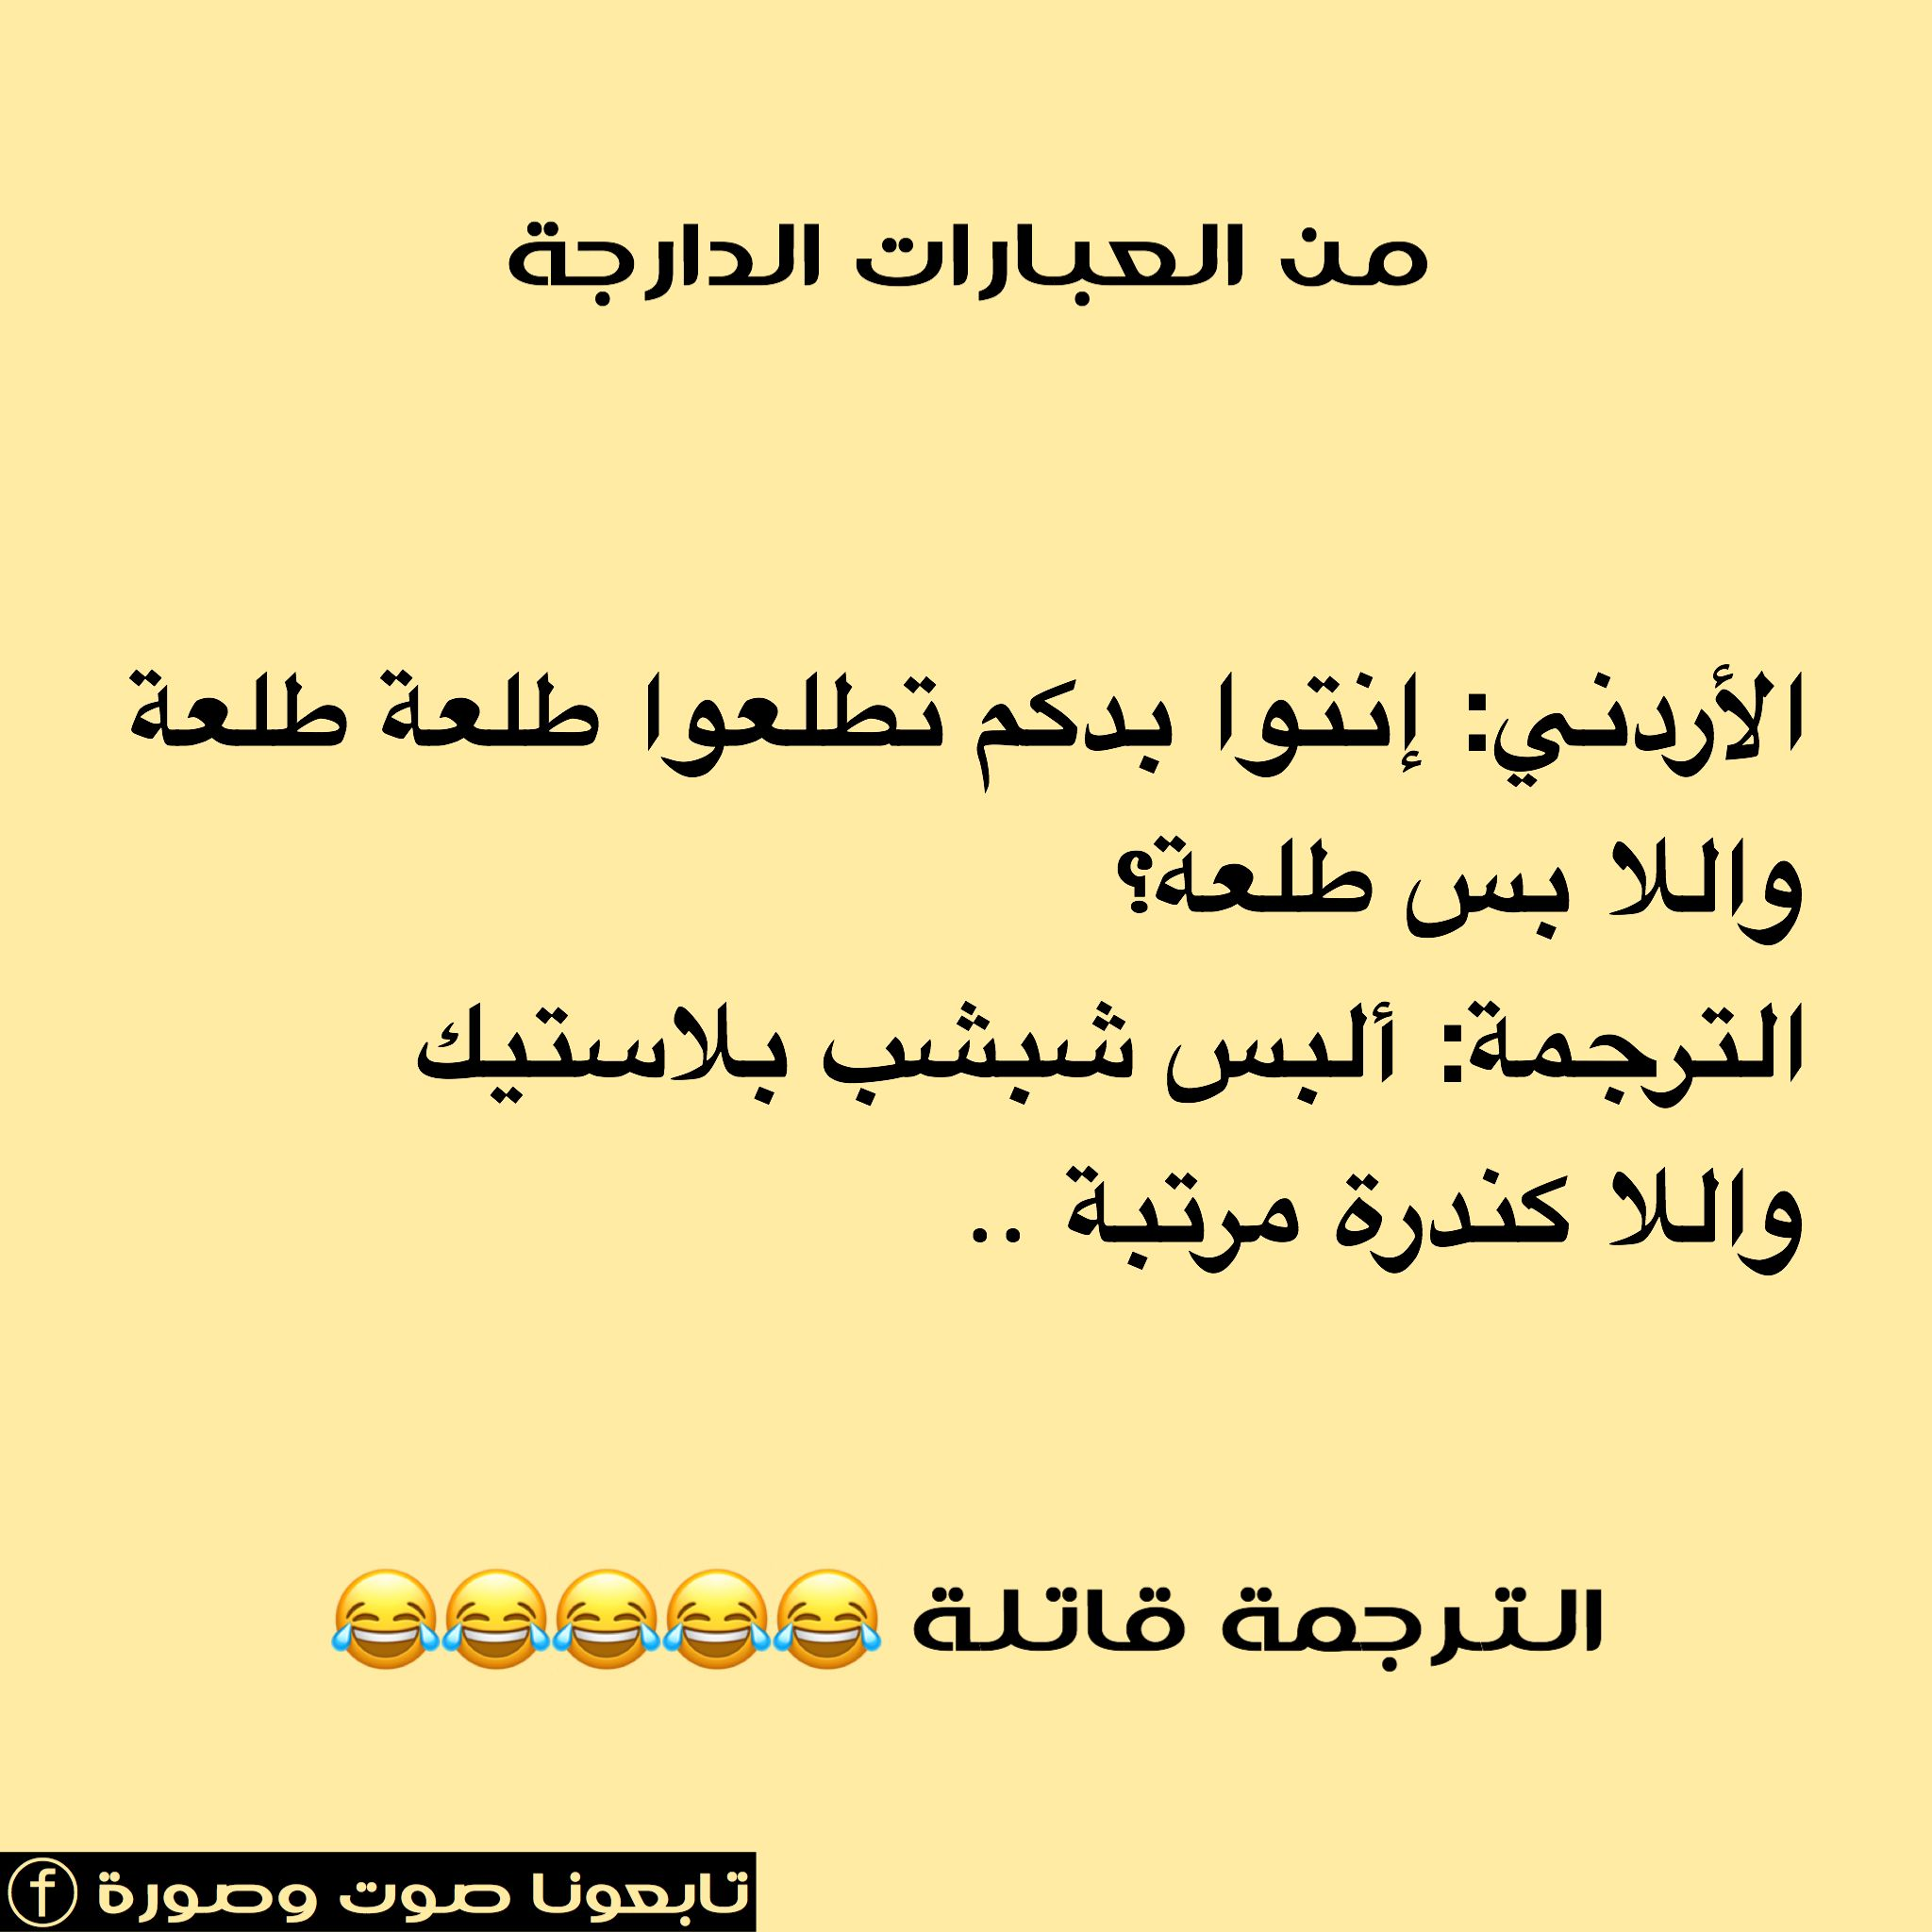 الترجمة قاتلة الاردن فلسطين الخليل الخليج تصميمي الوطن العربي فولو اكسبلور تصميمي لايك فيسبوك تو Math Math Equations Arabic Calligraphy